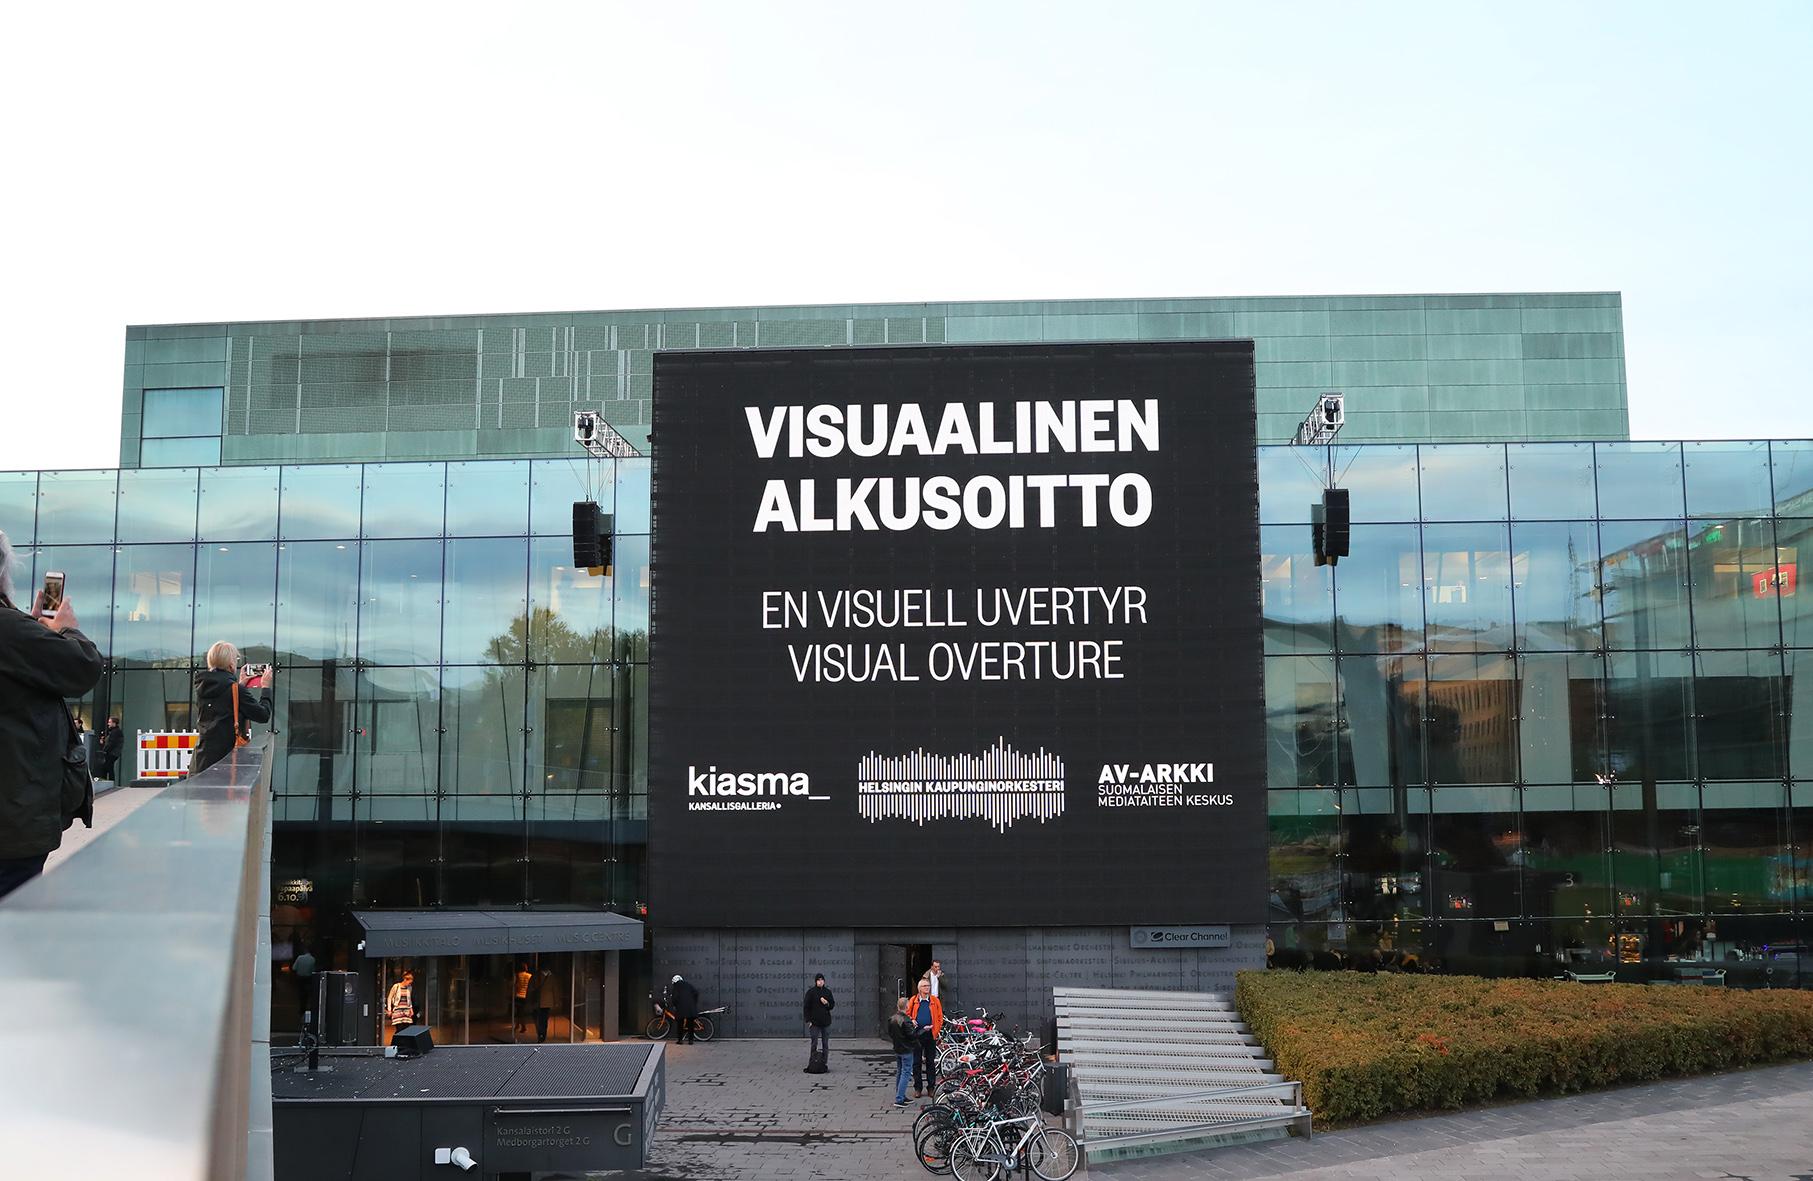 Kuvassa näkyy Helsingin Musiikkitalon seinä ja seinällä oleva ulkonäyttö. Näytöllä näkyy Visuaalinen alkusoitto -mediataideprojektin nimi ja sen järjestäjät Kiasma, Helsingin kaupunginorkesteri ja AV-arkki. Kuvan on ottanut Maarit Kytöharju.